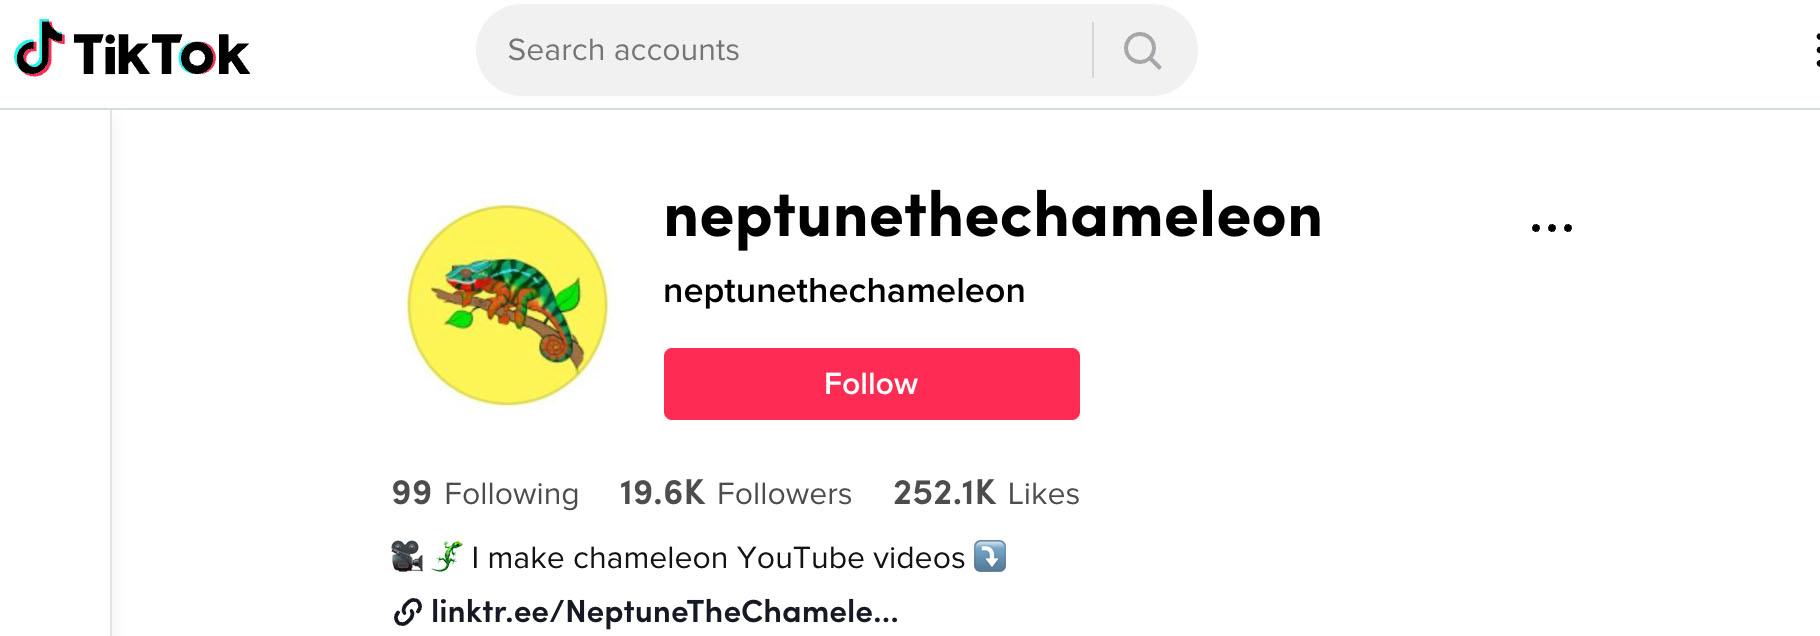 Neptune the chameleon on tiktok